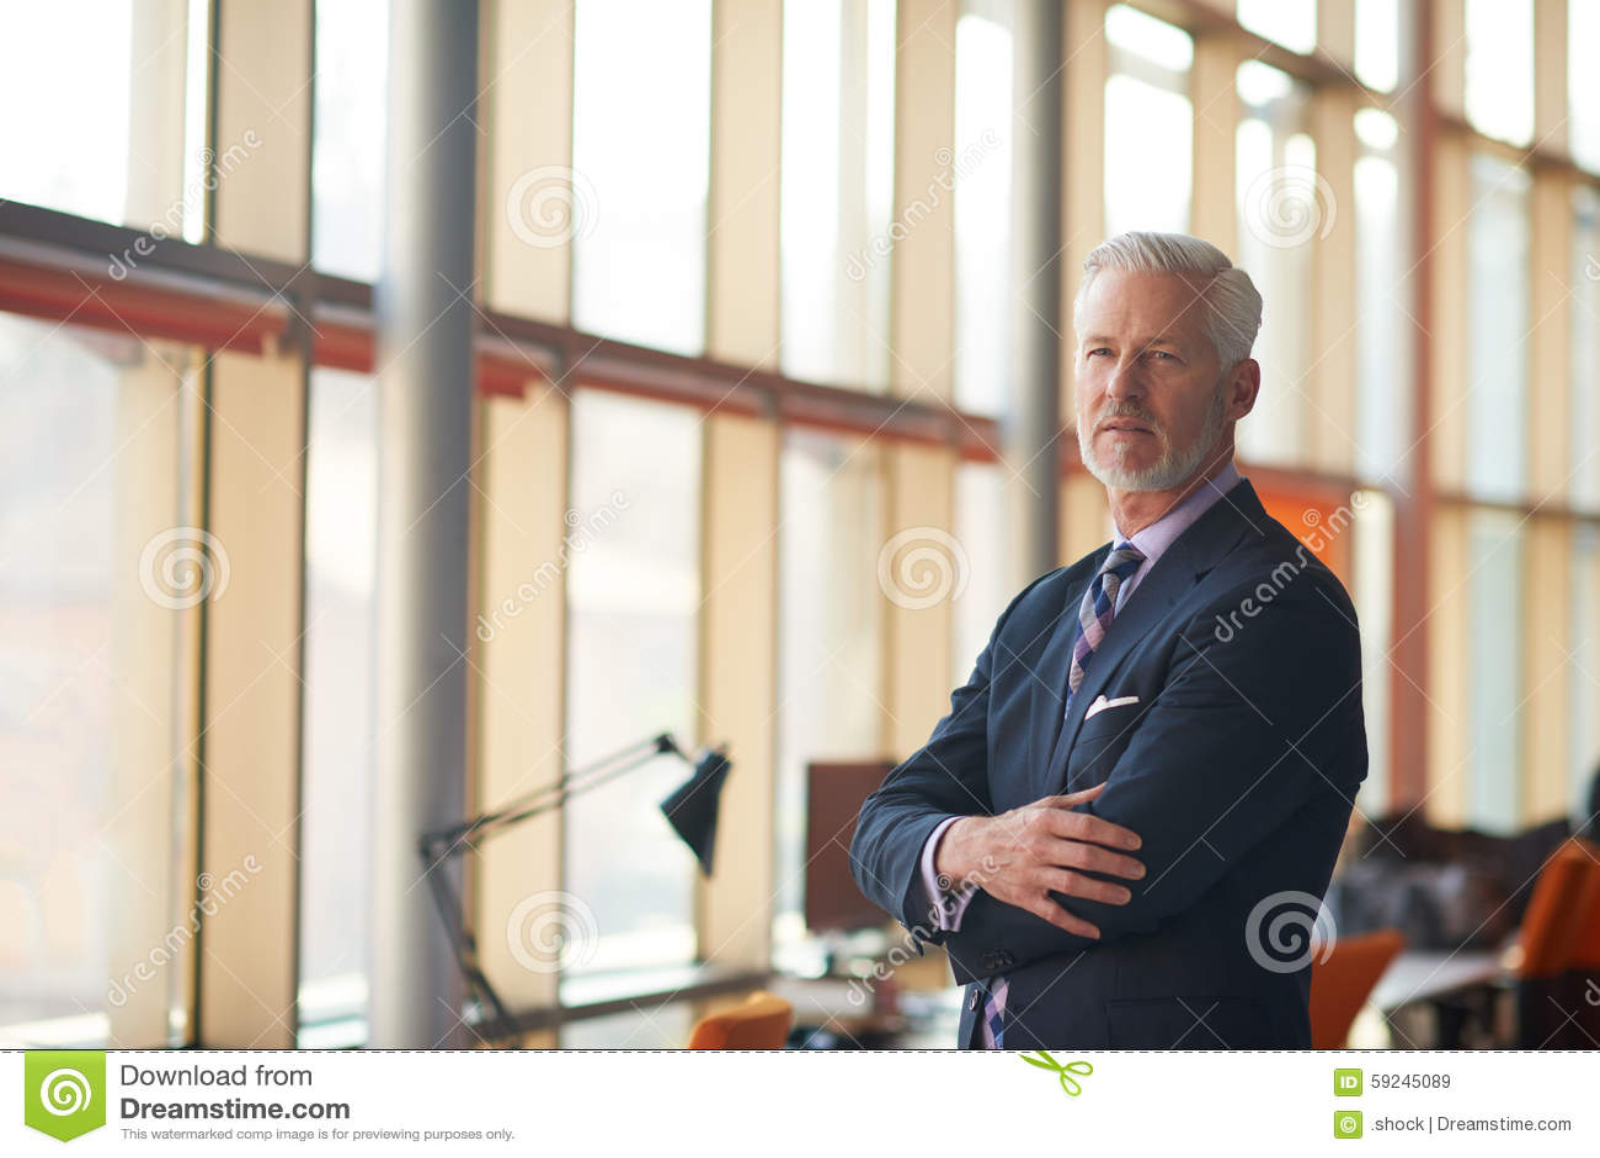 Download Retrato Mayor Del Hombre De Negocios Imagen de archivo - Imagen de negocios, copia: 59245089